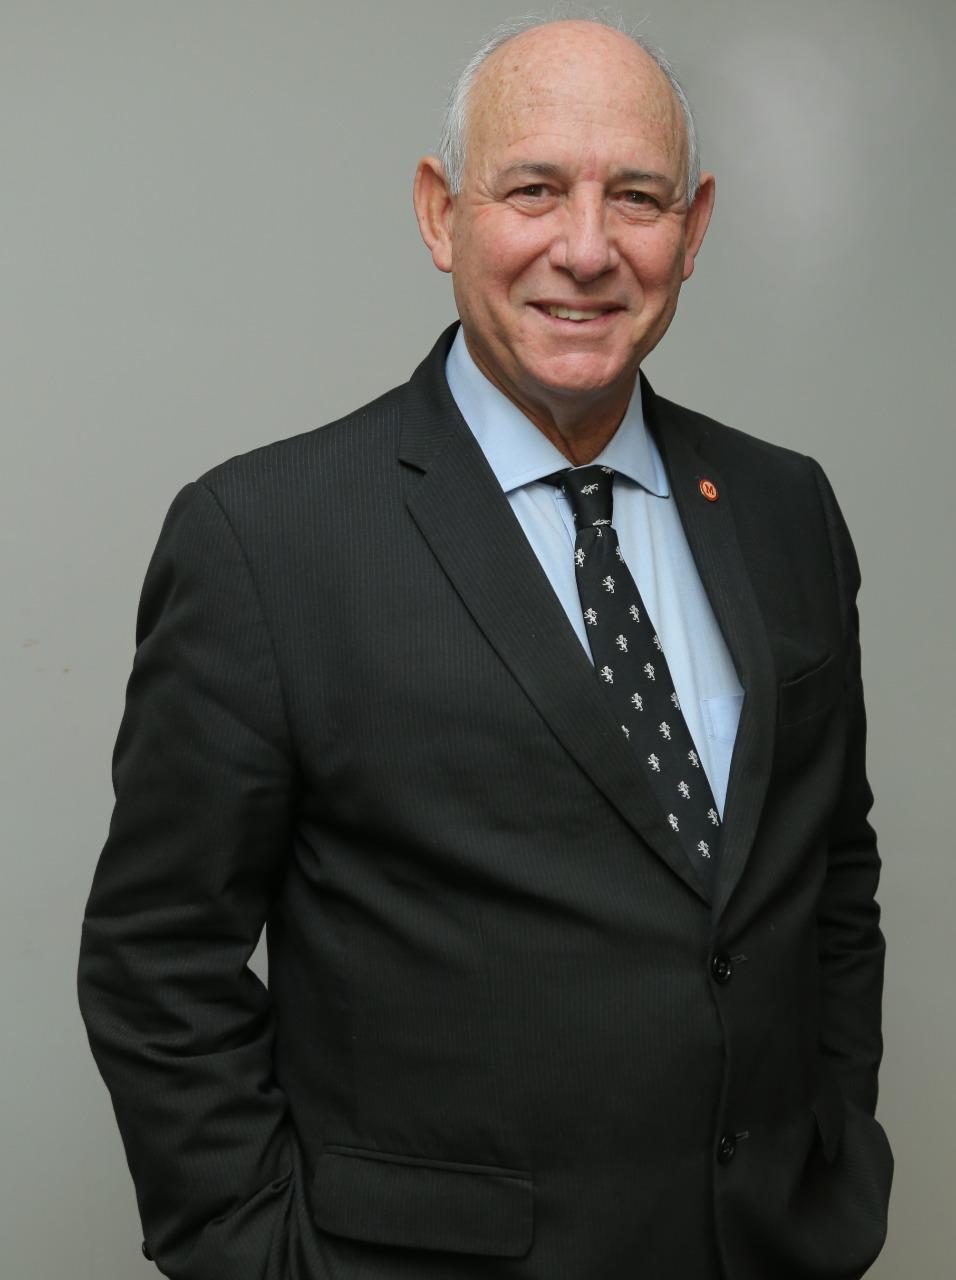 Diretor - Walter Eustáquio Ribeiro